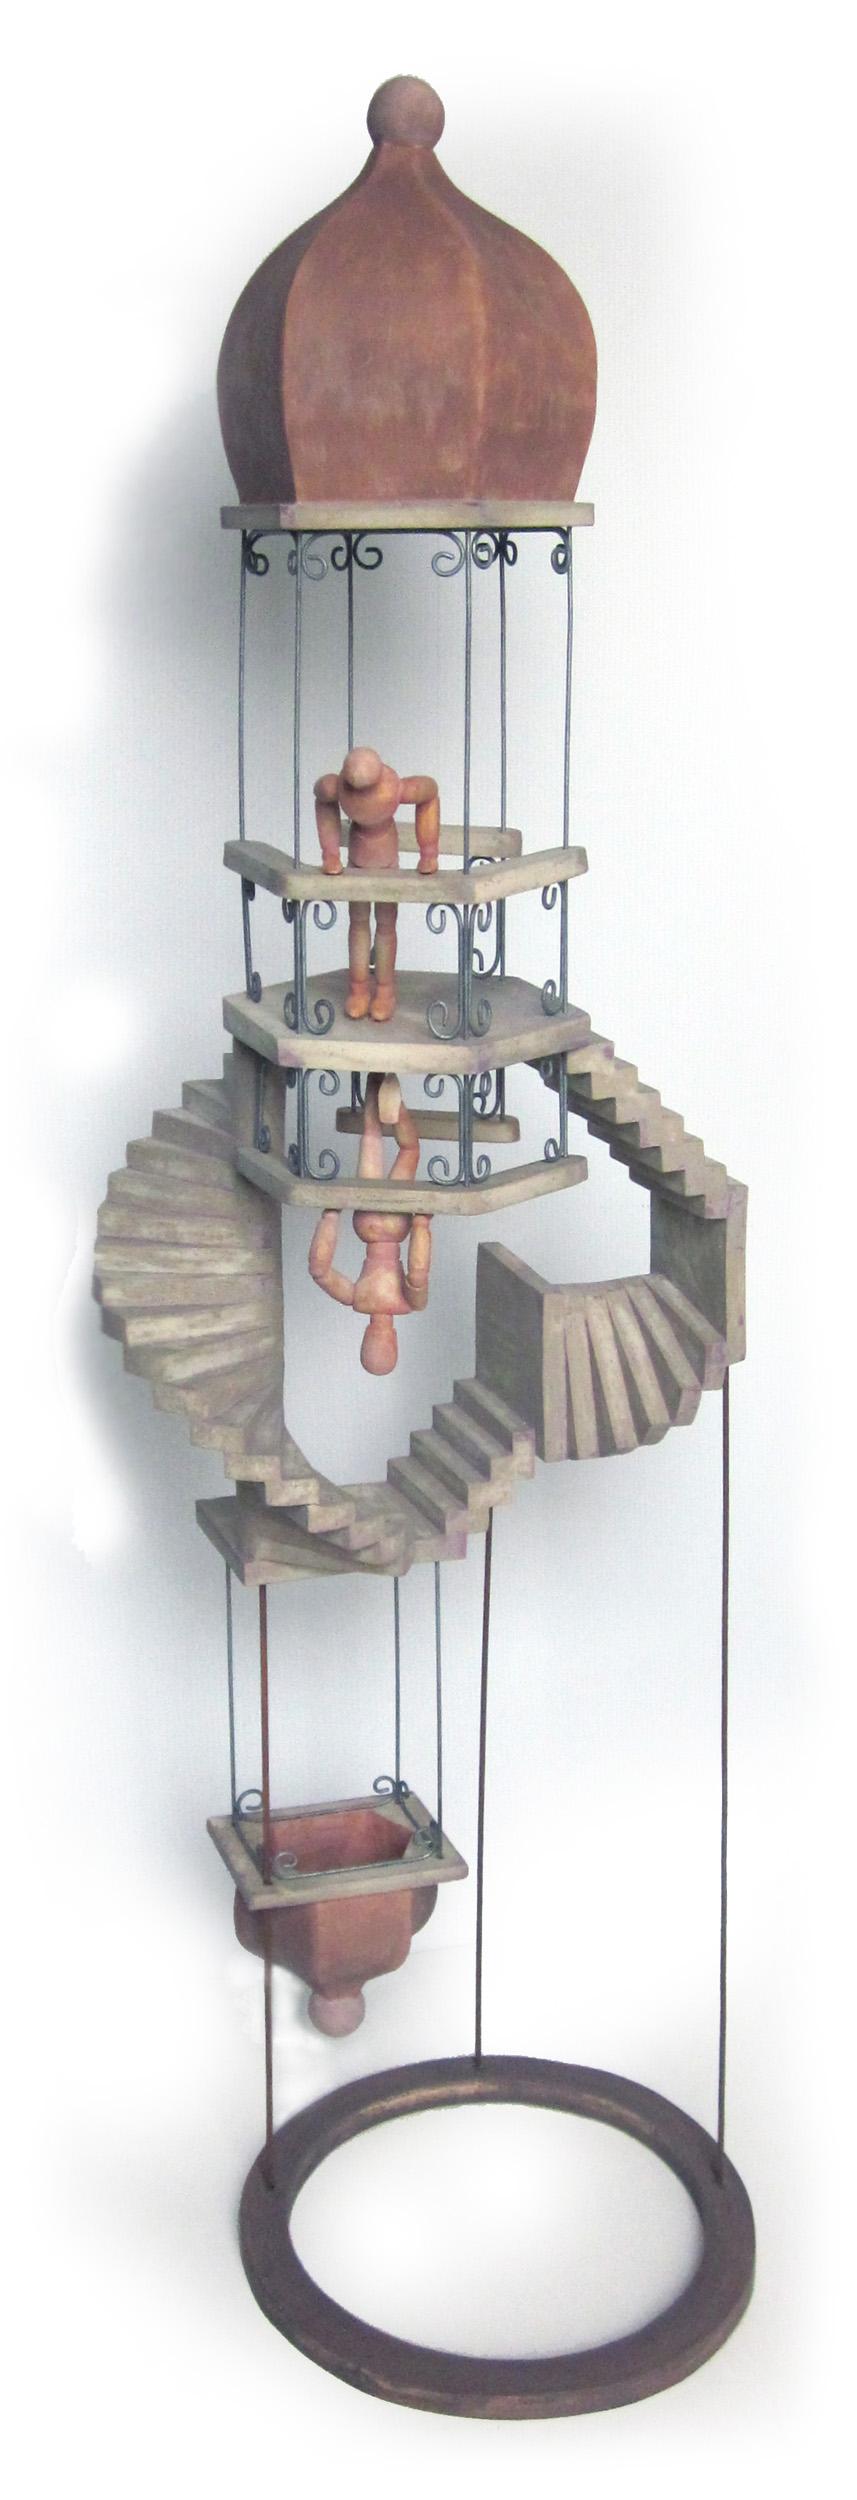 Mon parcours - A DEUX PAS DES BANCS DE L'ÉCOLEMon premier contact avec la céramique remonte à mes douze ans. Je participe à l'atelier de l'école tous les mercredis après-midi pendant deux ans. Cette expérience, à priori anecdotique, oriente mon choix d'études dans le domaine des arts plastiques.En 1983, je termine mes études à l'Institut des Arts Décoratifs et Industriels de Liège avec le premier prix en Arts graphiques.N'ayant pas l'opportunité de travailler dans le graphisme, nécessité fait loi, j'accepte un emploi dans l'administration. Après quelques années dans cette fonction, j'éprouve un besoin d'activité artistique. Pour être tout à fait exact, je dois plutôt parler de pulsion que d'envie. C'est ainsi qu'en 1990 je pousse la porte de l'atelier de la Fontaine pour y apprendre les techniques de la céramique.DE L'ARTISTE A L'ARTISANL'activité principale de cet atelier est le tournage et je me sens assez rapidement limité par cette technique. Je désire sculpter et je demande à Jacques Eyen - potier responsable de l'atelier - comment m'y prendre. Il me répond : « Fais comme tu le sens ! ».C'est-ce que je fais. Bientôt, les horaires d'ouvertures de l'atelier ne me suffisent plus et je m'installe un atelier rudimentaire à domicile. Je continue à émailler et faire cuire mes pièces à l'atelier de la Fontaine, j'y prends également quelques conseils mais la sculpture, je l'apprends en autodidacte.J'ai l'occasion de présenter mes œuvres lors d'expositions, de concours ou dans des galeries d'art entre 1994 et 1997.C'est à cette époque que Jacques me propose de travailler avec lui. Ma création prend alors une tournure plus artisanale qu'artistique. Je conçois des objets utilitaires, Jacques se charge de la partie technique - tournage et plaques - et je m'occupe ensuite de la décoration, de la sculpture d'éléments ornementaux et de l'émaillage. Cette collaboration, bien qu'enrichissante d'un point de vue artistique ne l'est pas au niveau matériel et je me réoriente vers un